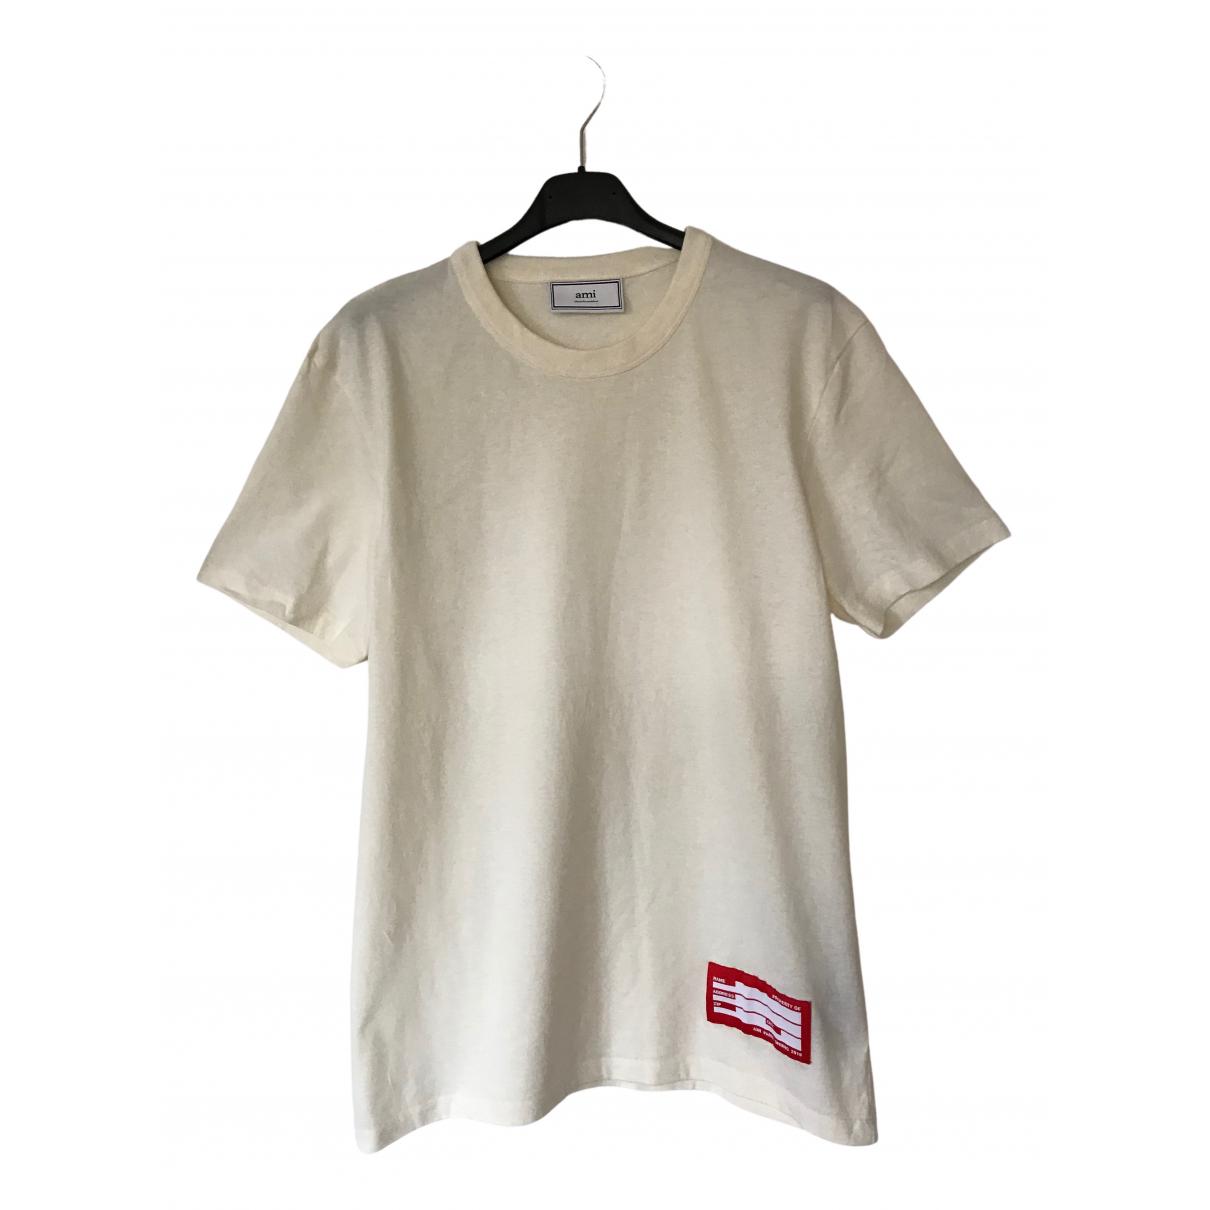 Ami - Tee shirts   pour homme en coton - ecru